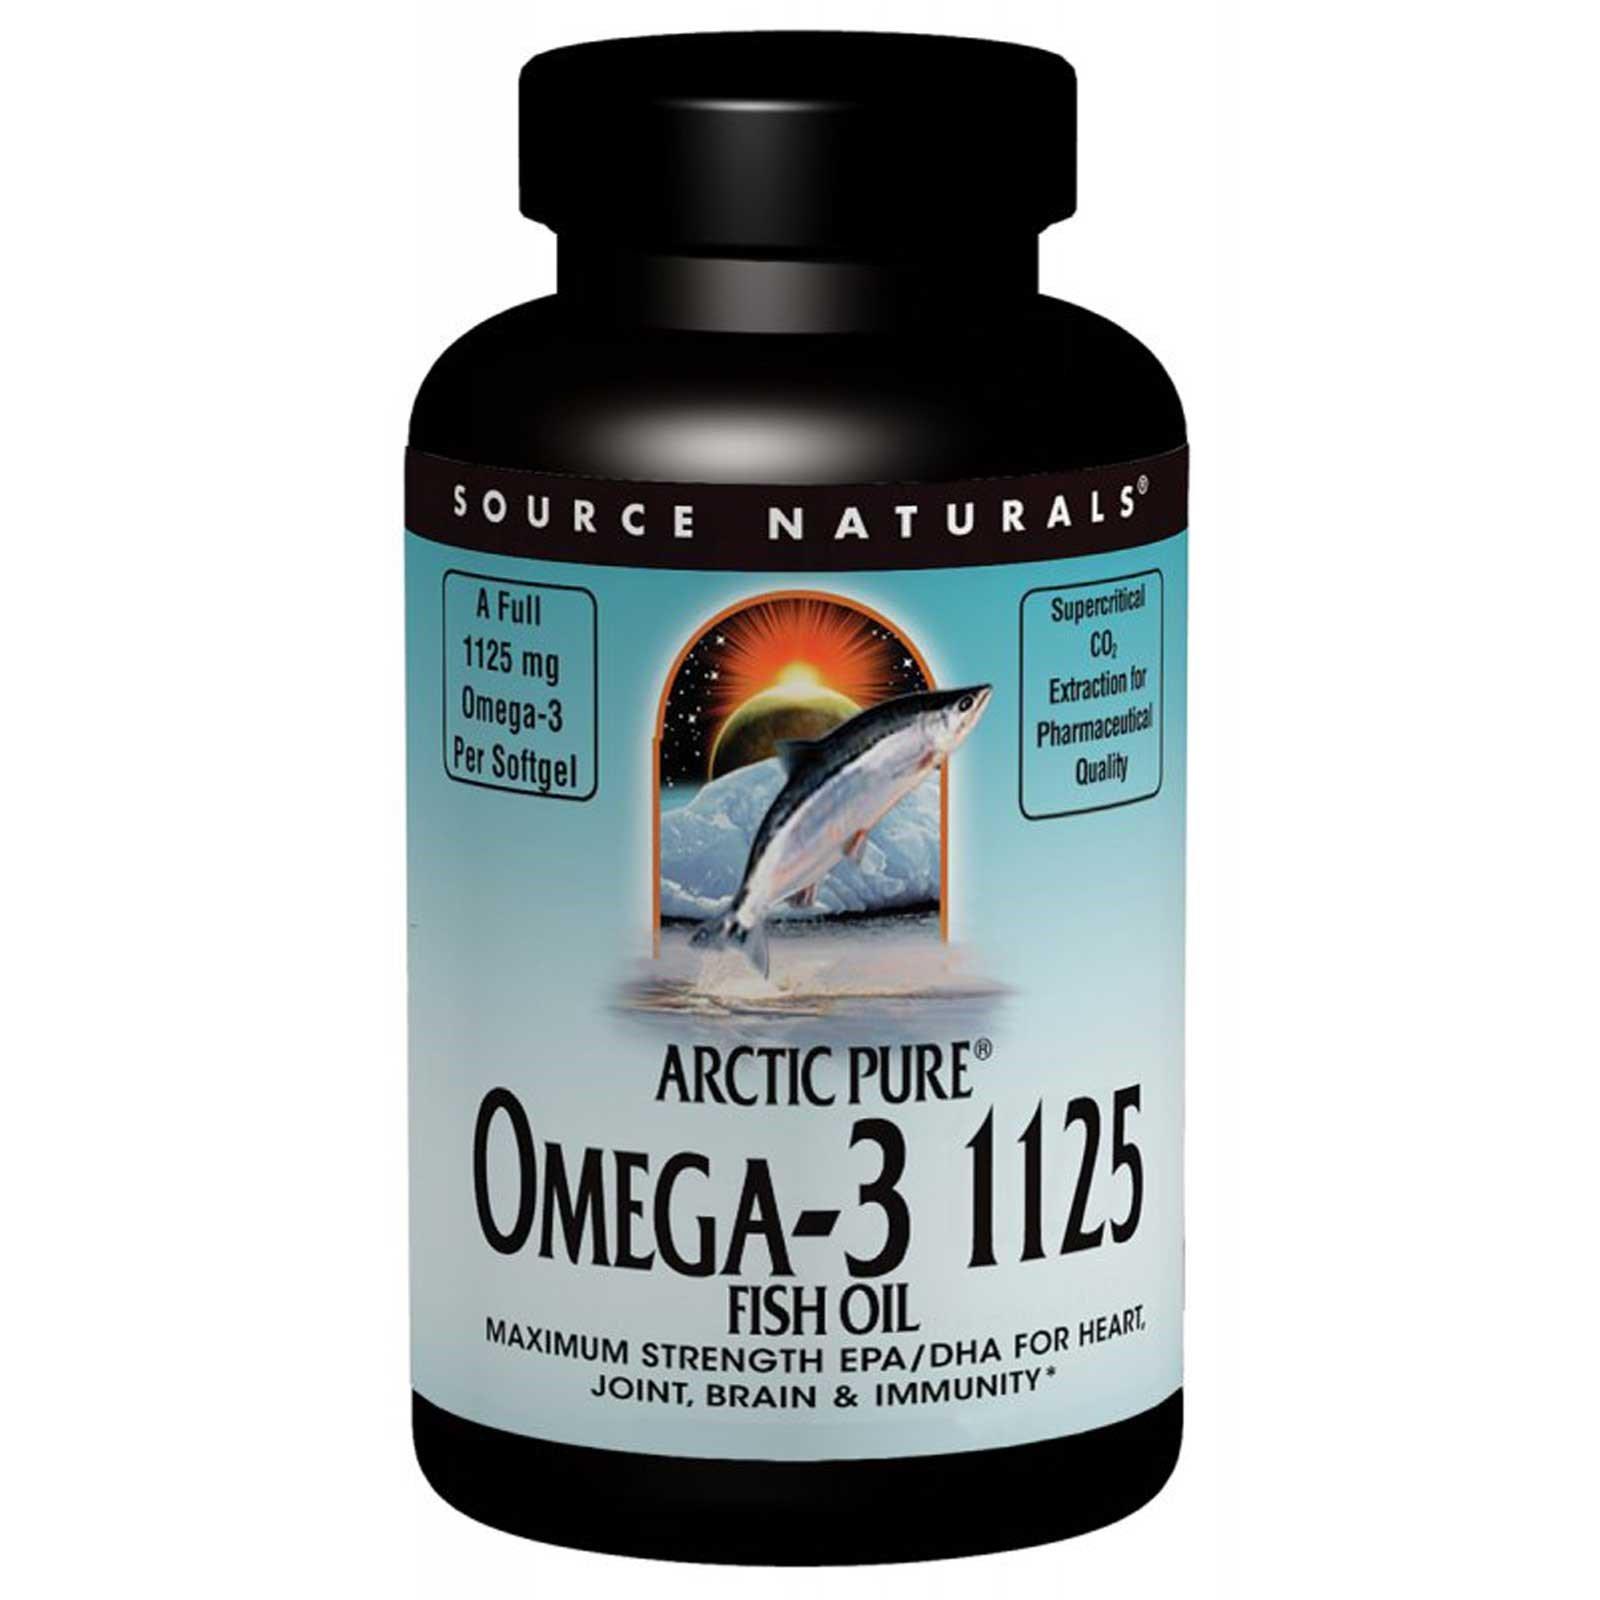 Source Naturals, Арктический чистый рыбий жир с Омега-3 1125, покрытый кишечнорастворимой оболочкой, 1,125 мг, 60 гелевых капсул